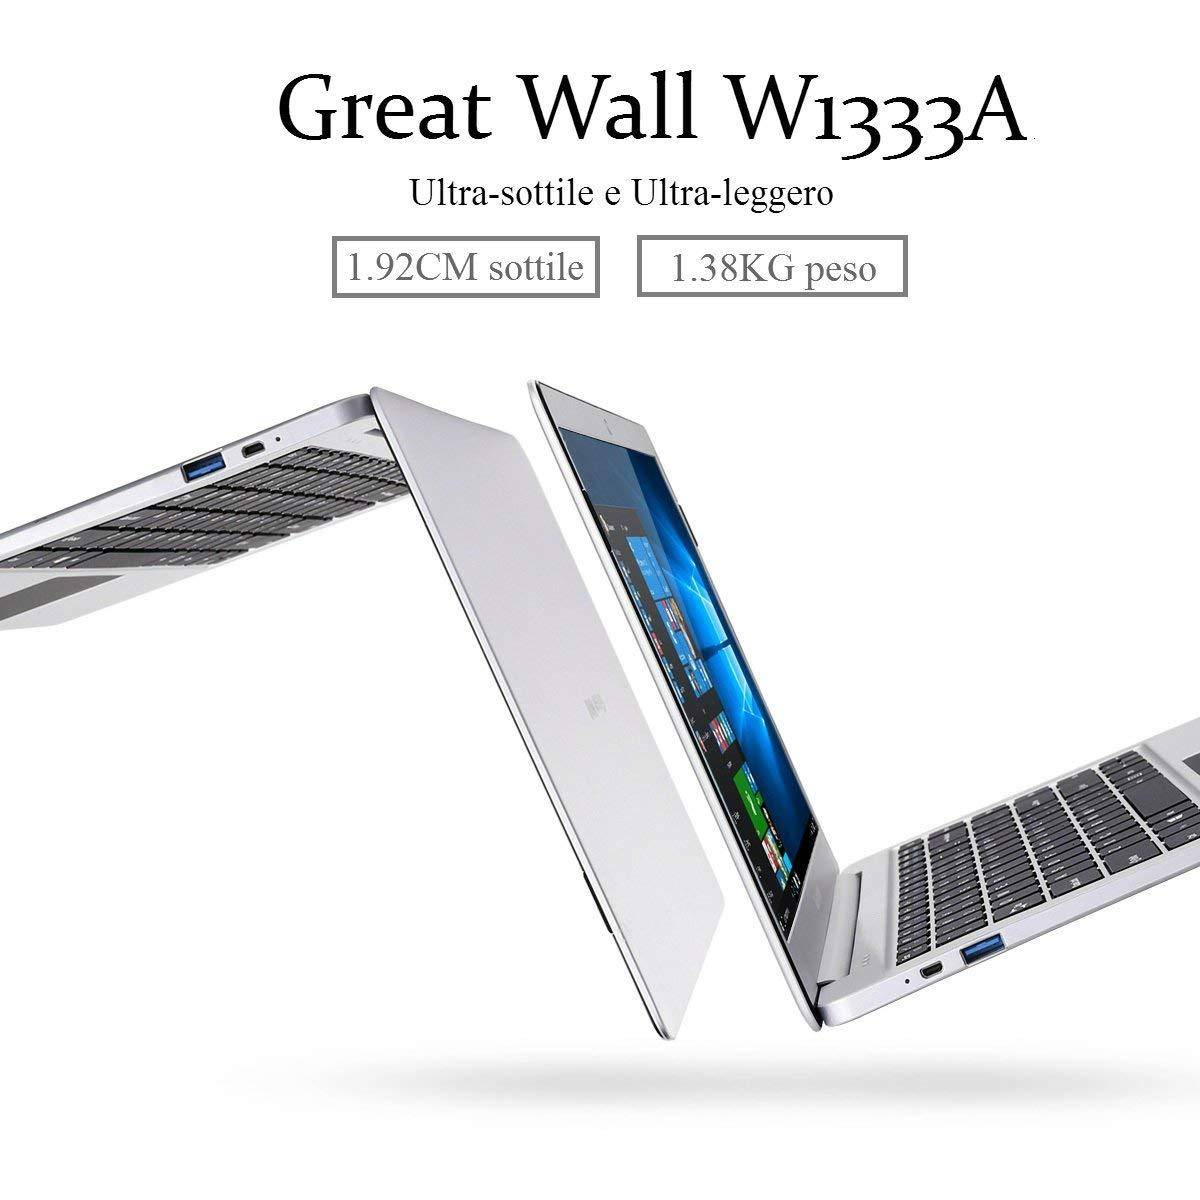 Great Wall W1333A caratteristiche tecniche